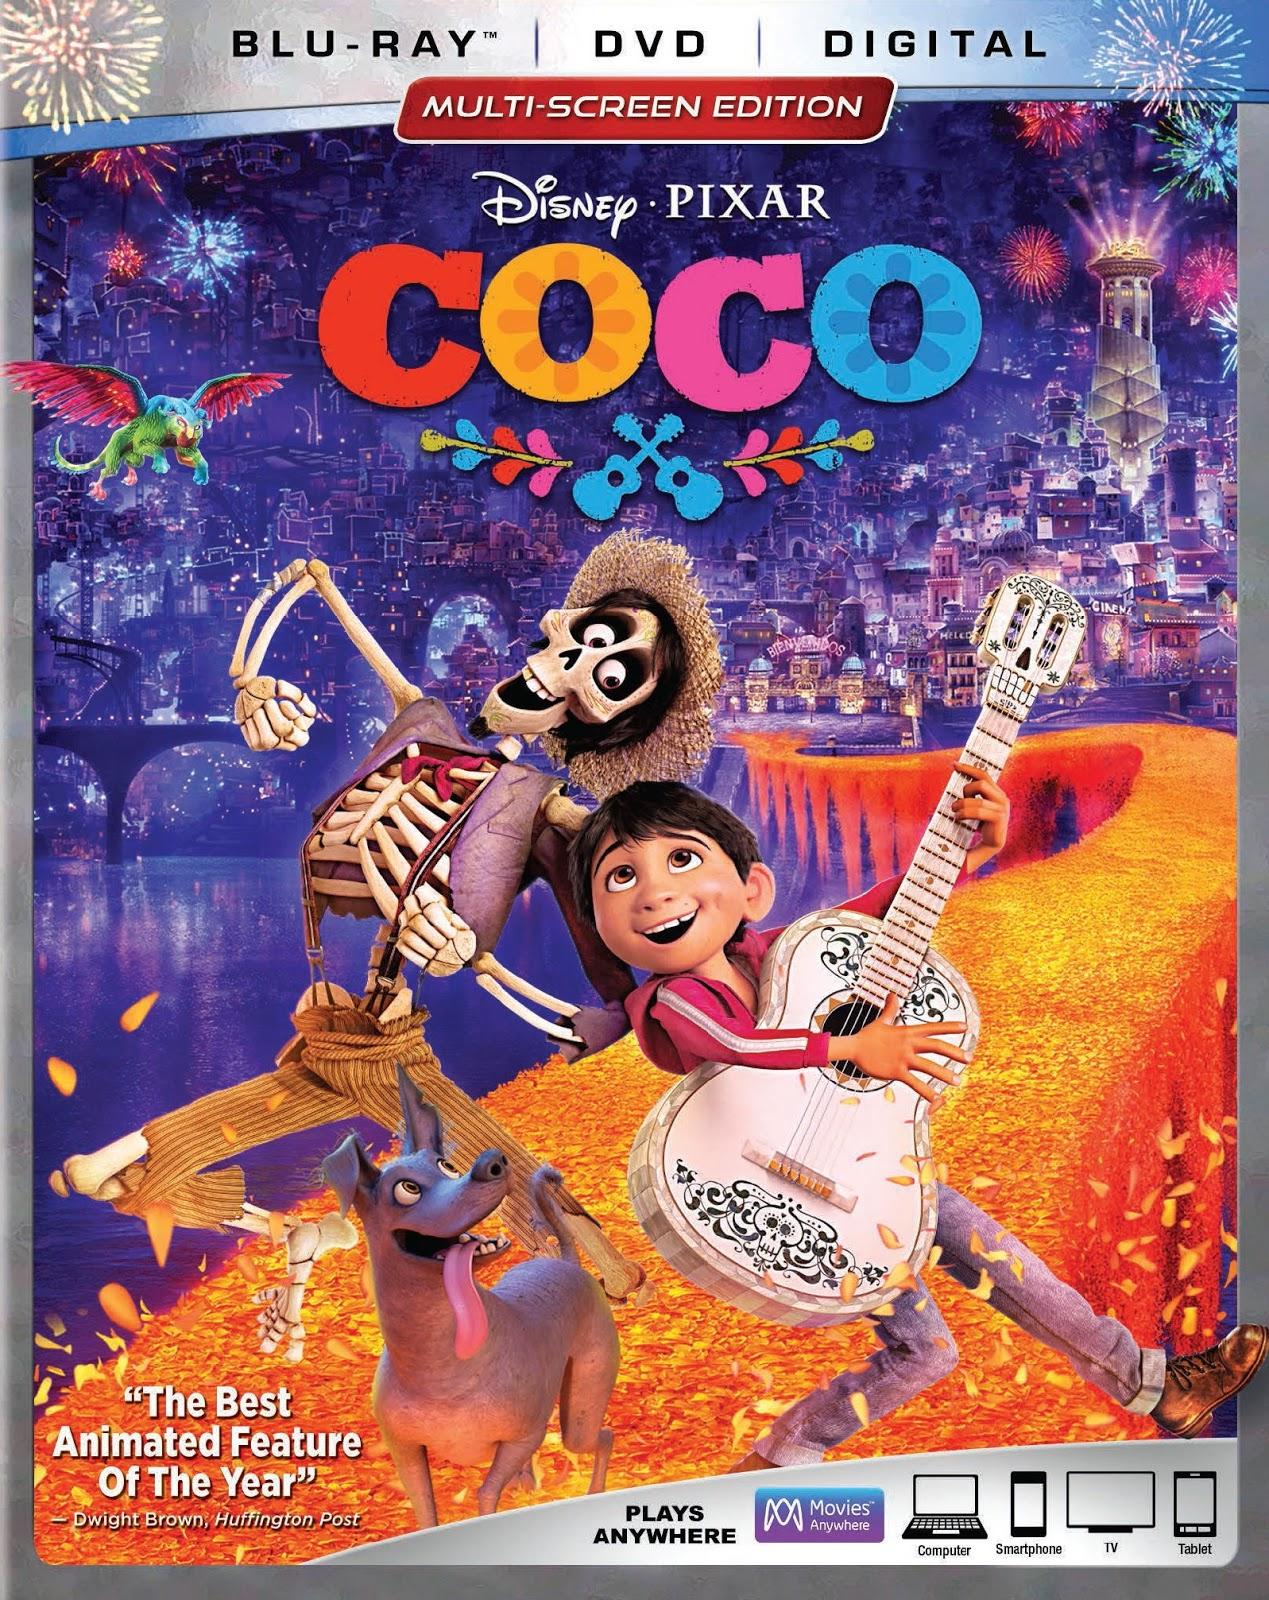 Coco BD25 1080p LATINO